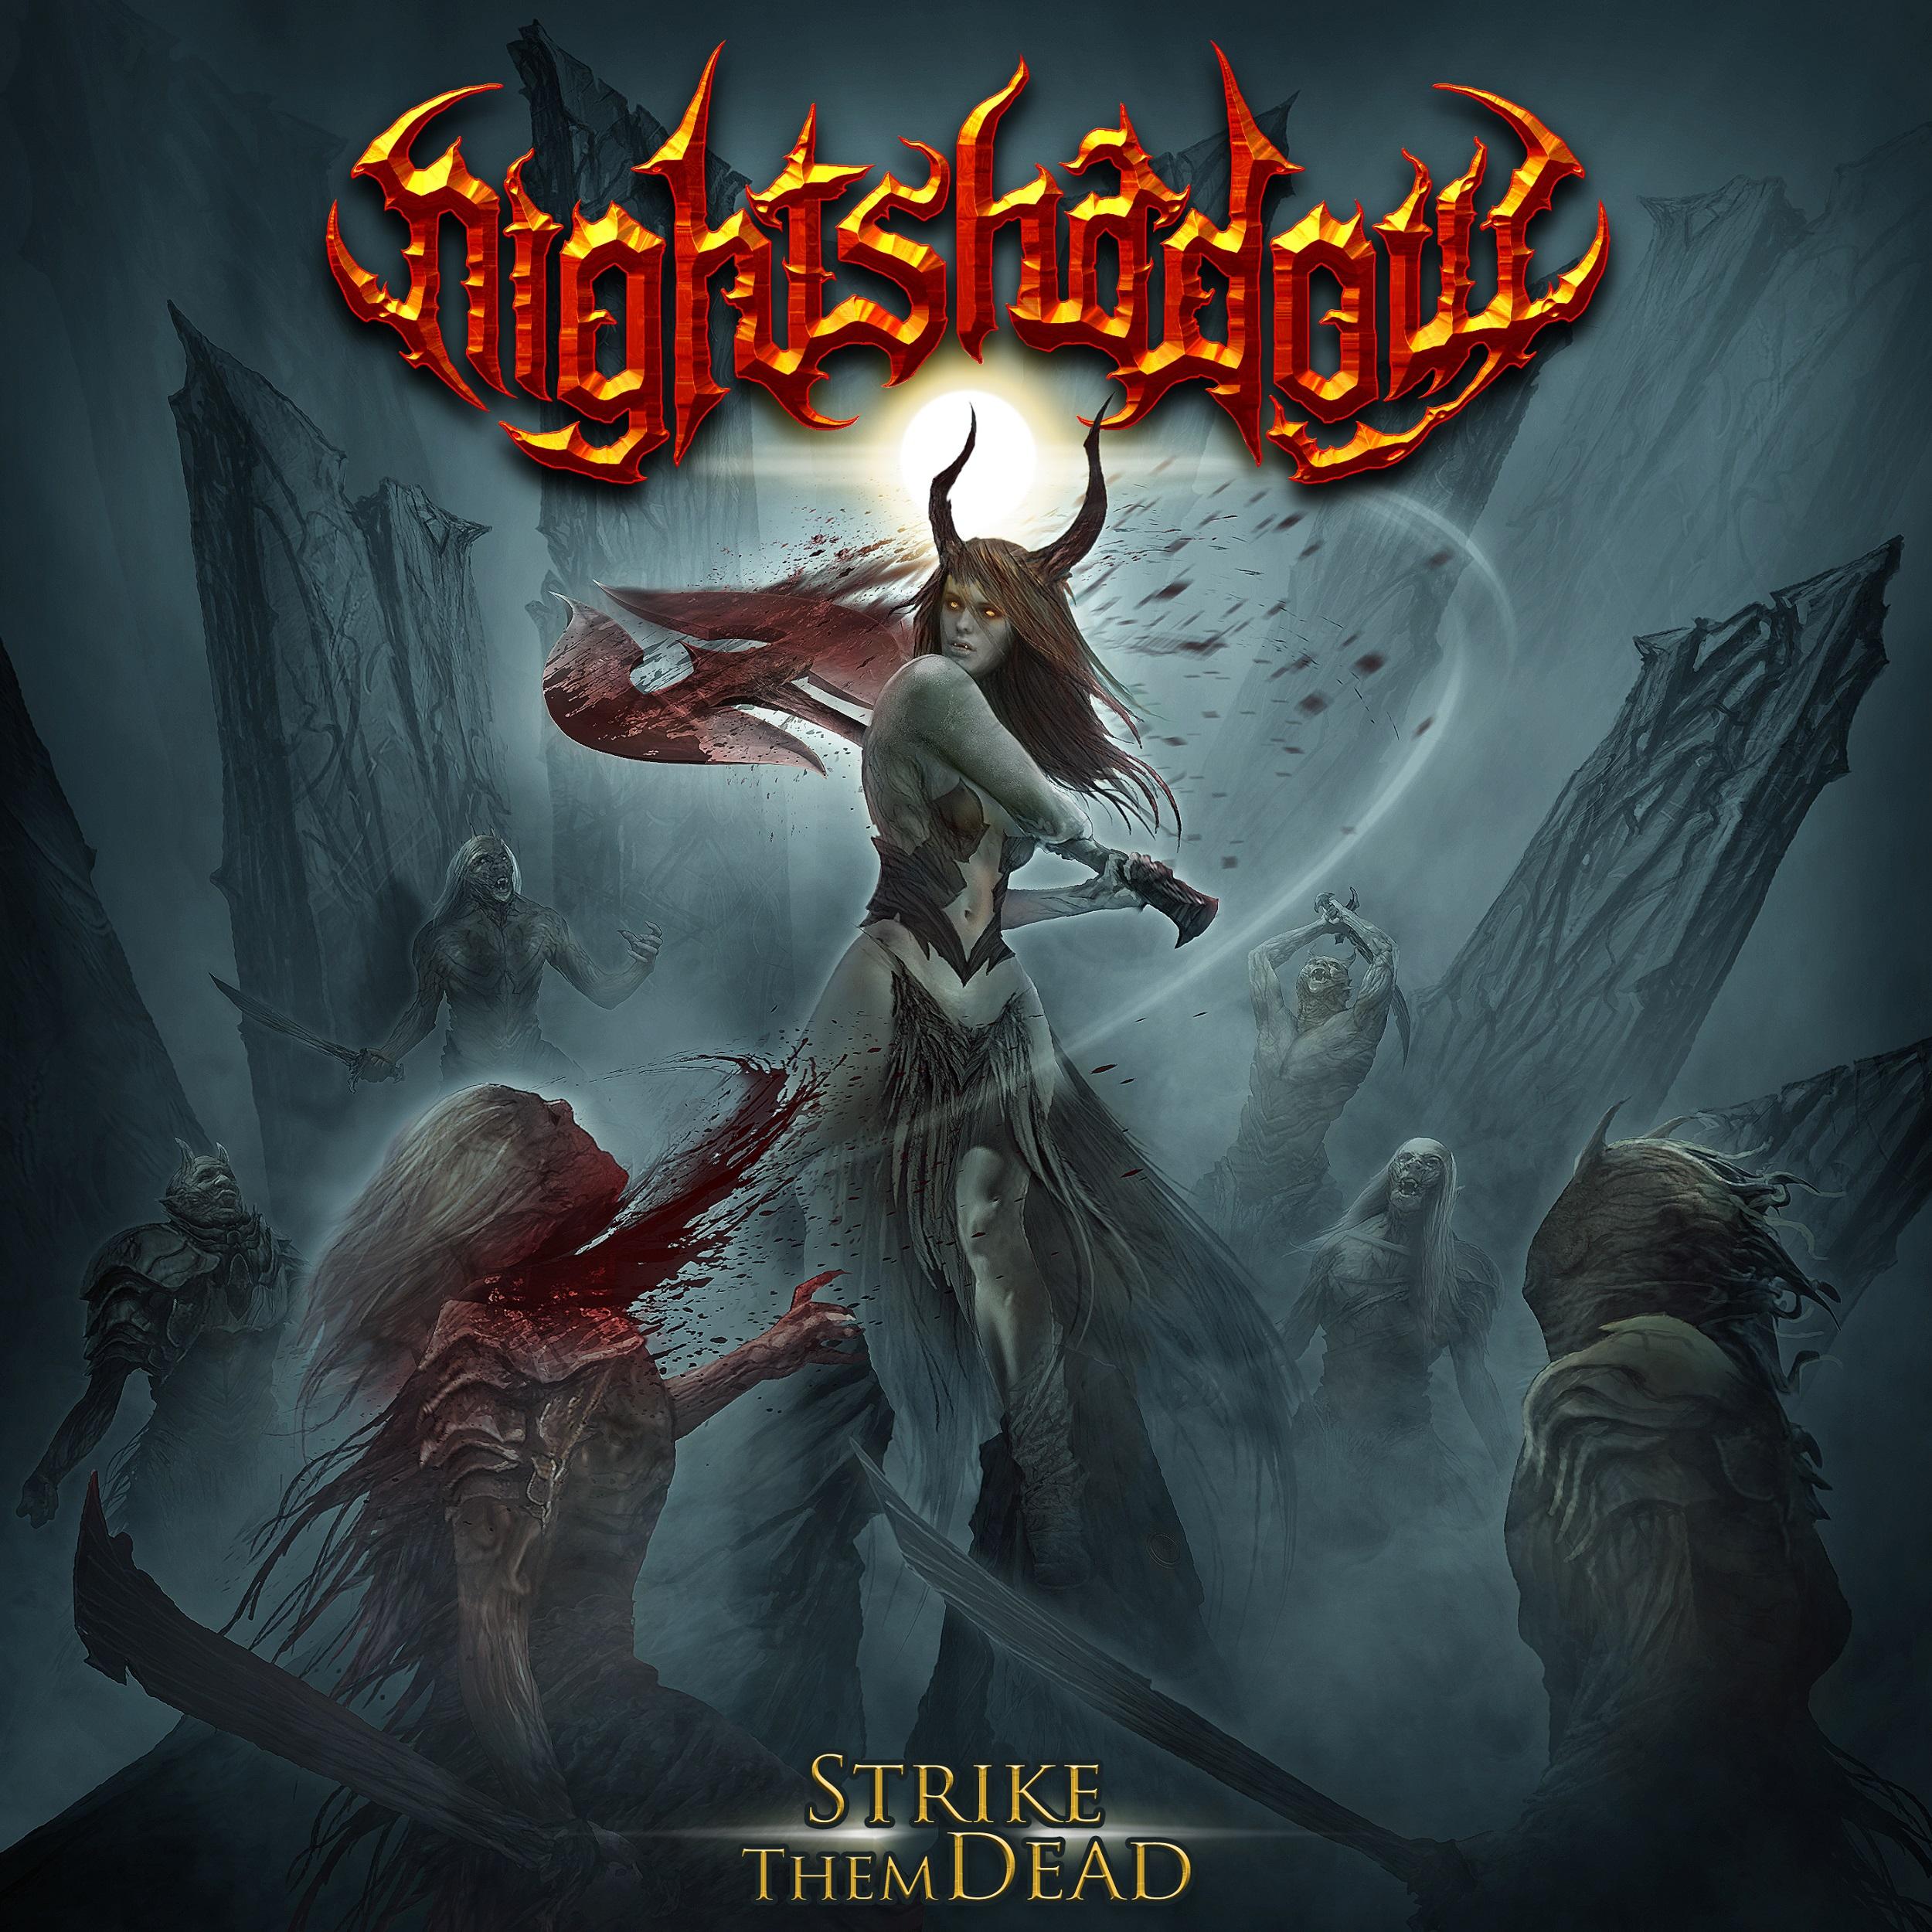 Album_Cover - nightshadow